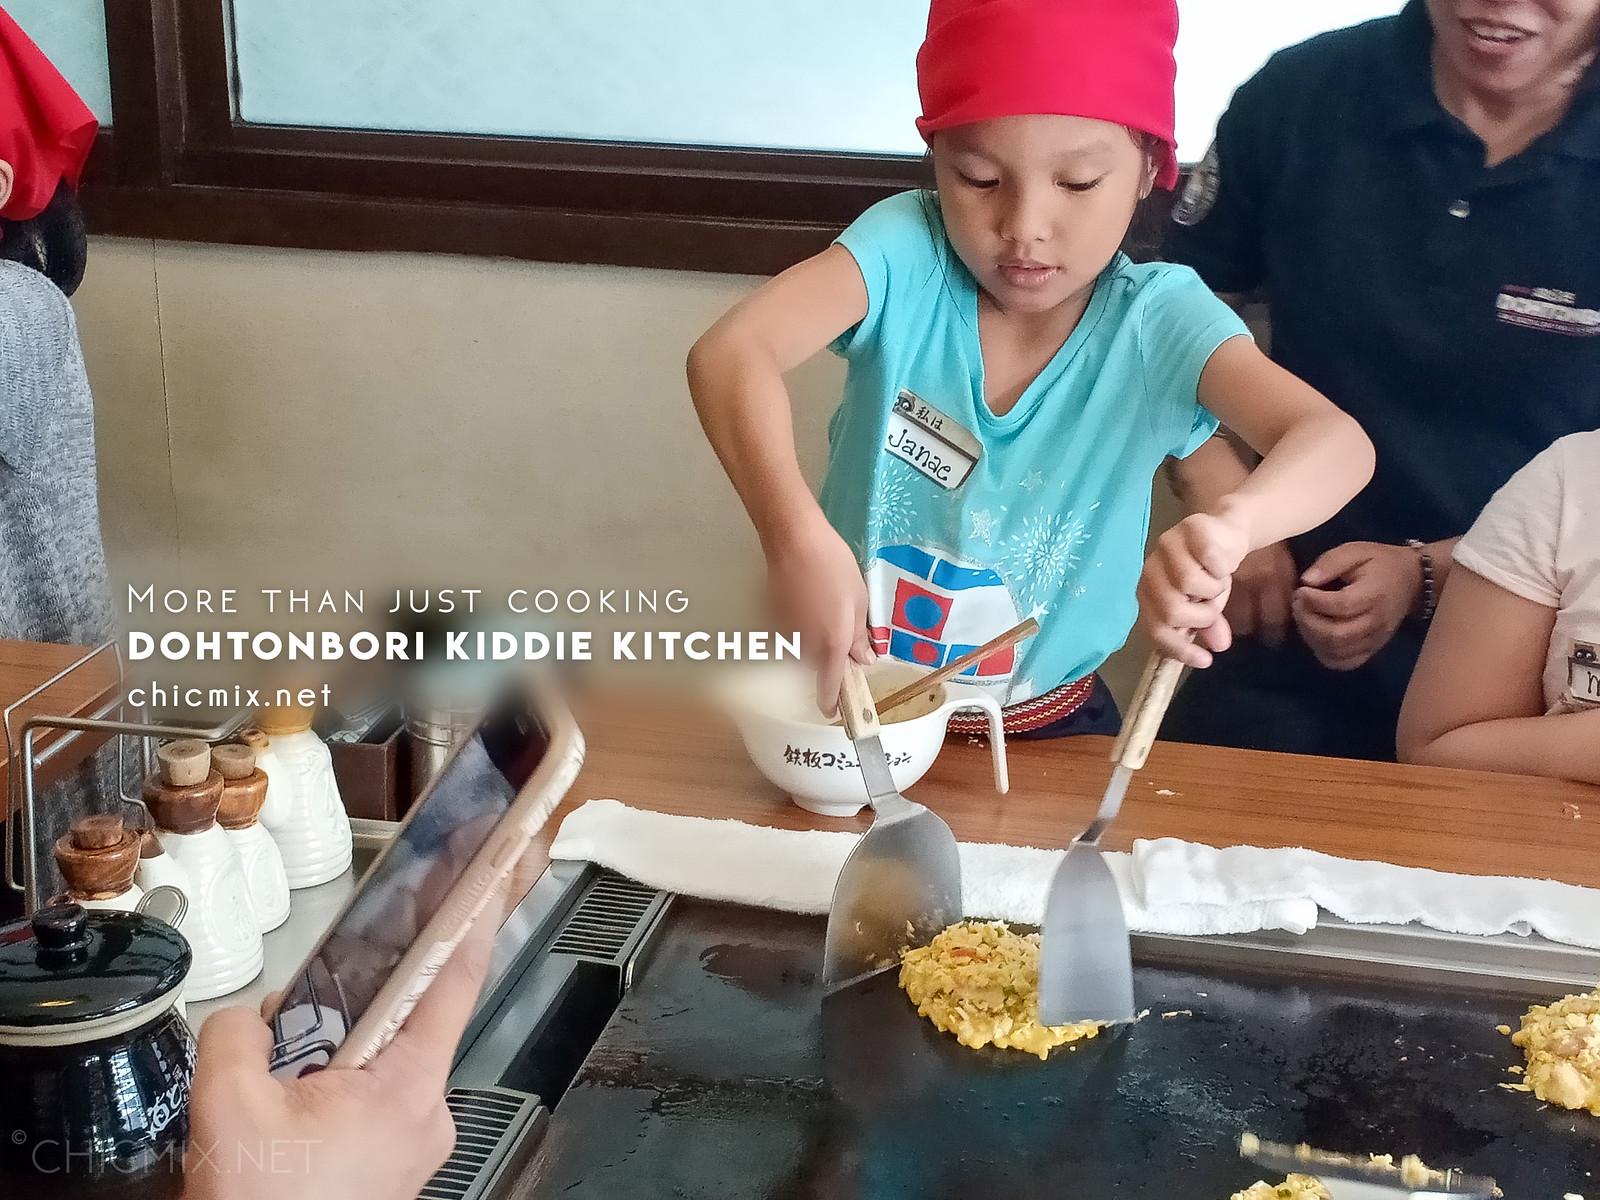 dohtonbori kiddie kitchen